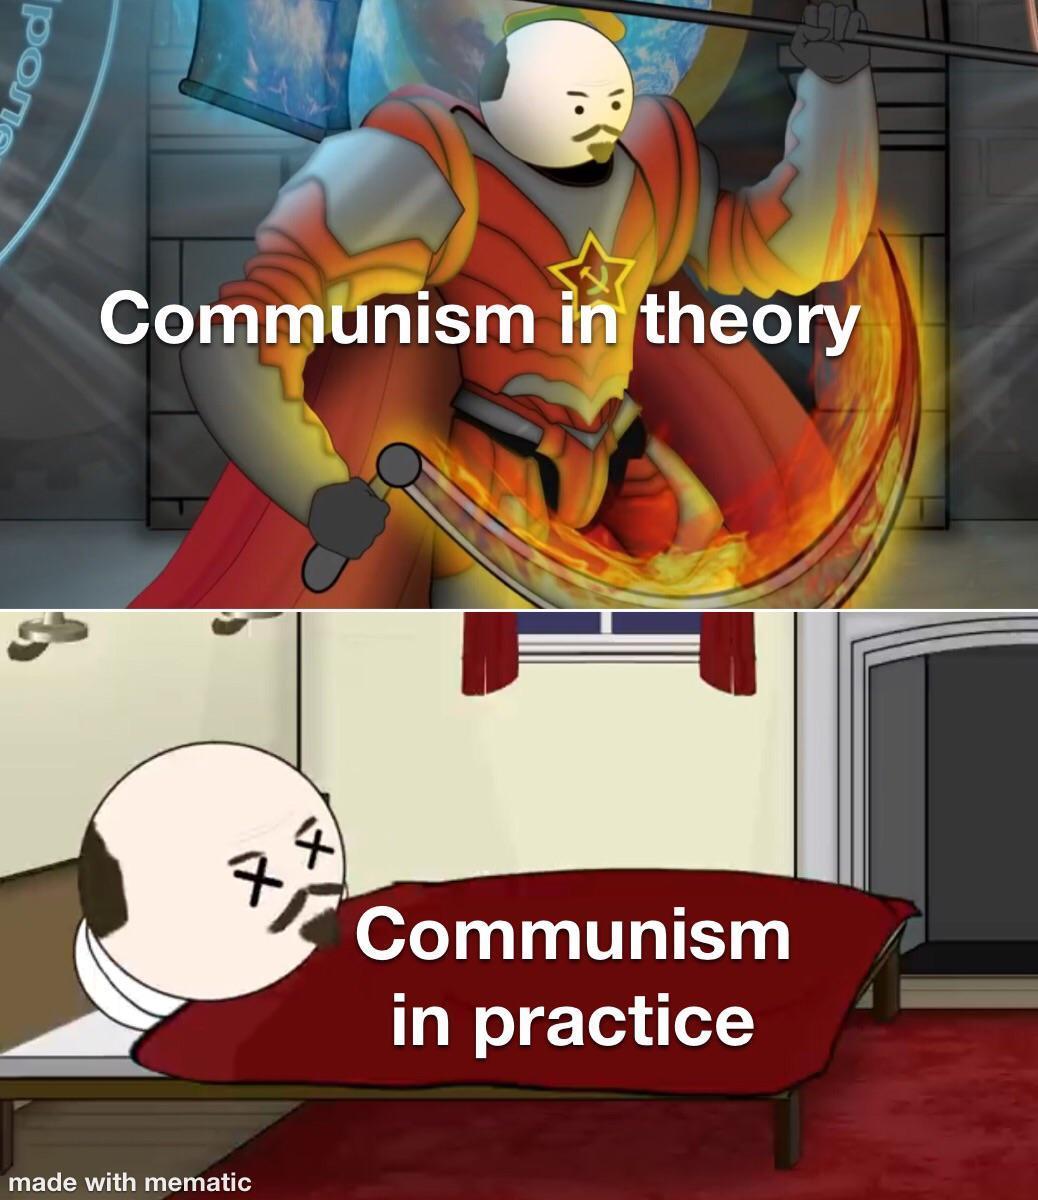 Lenin ain't feeling too good - meme